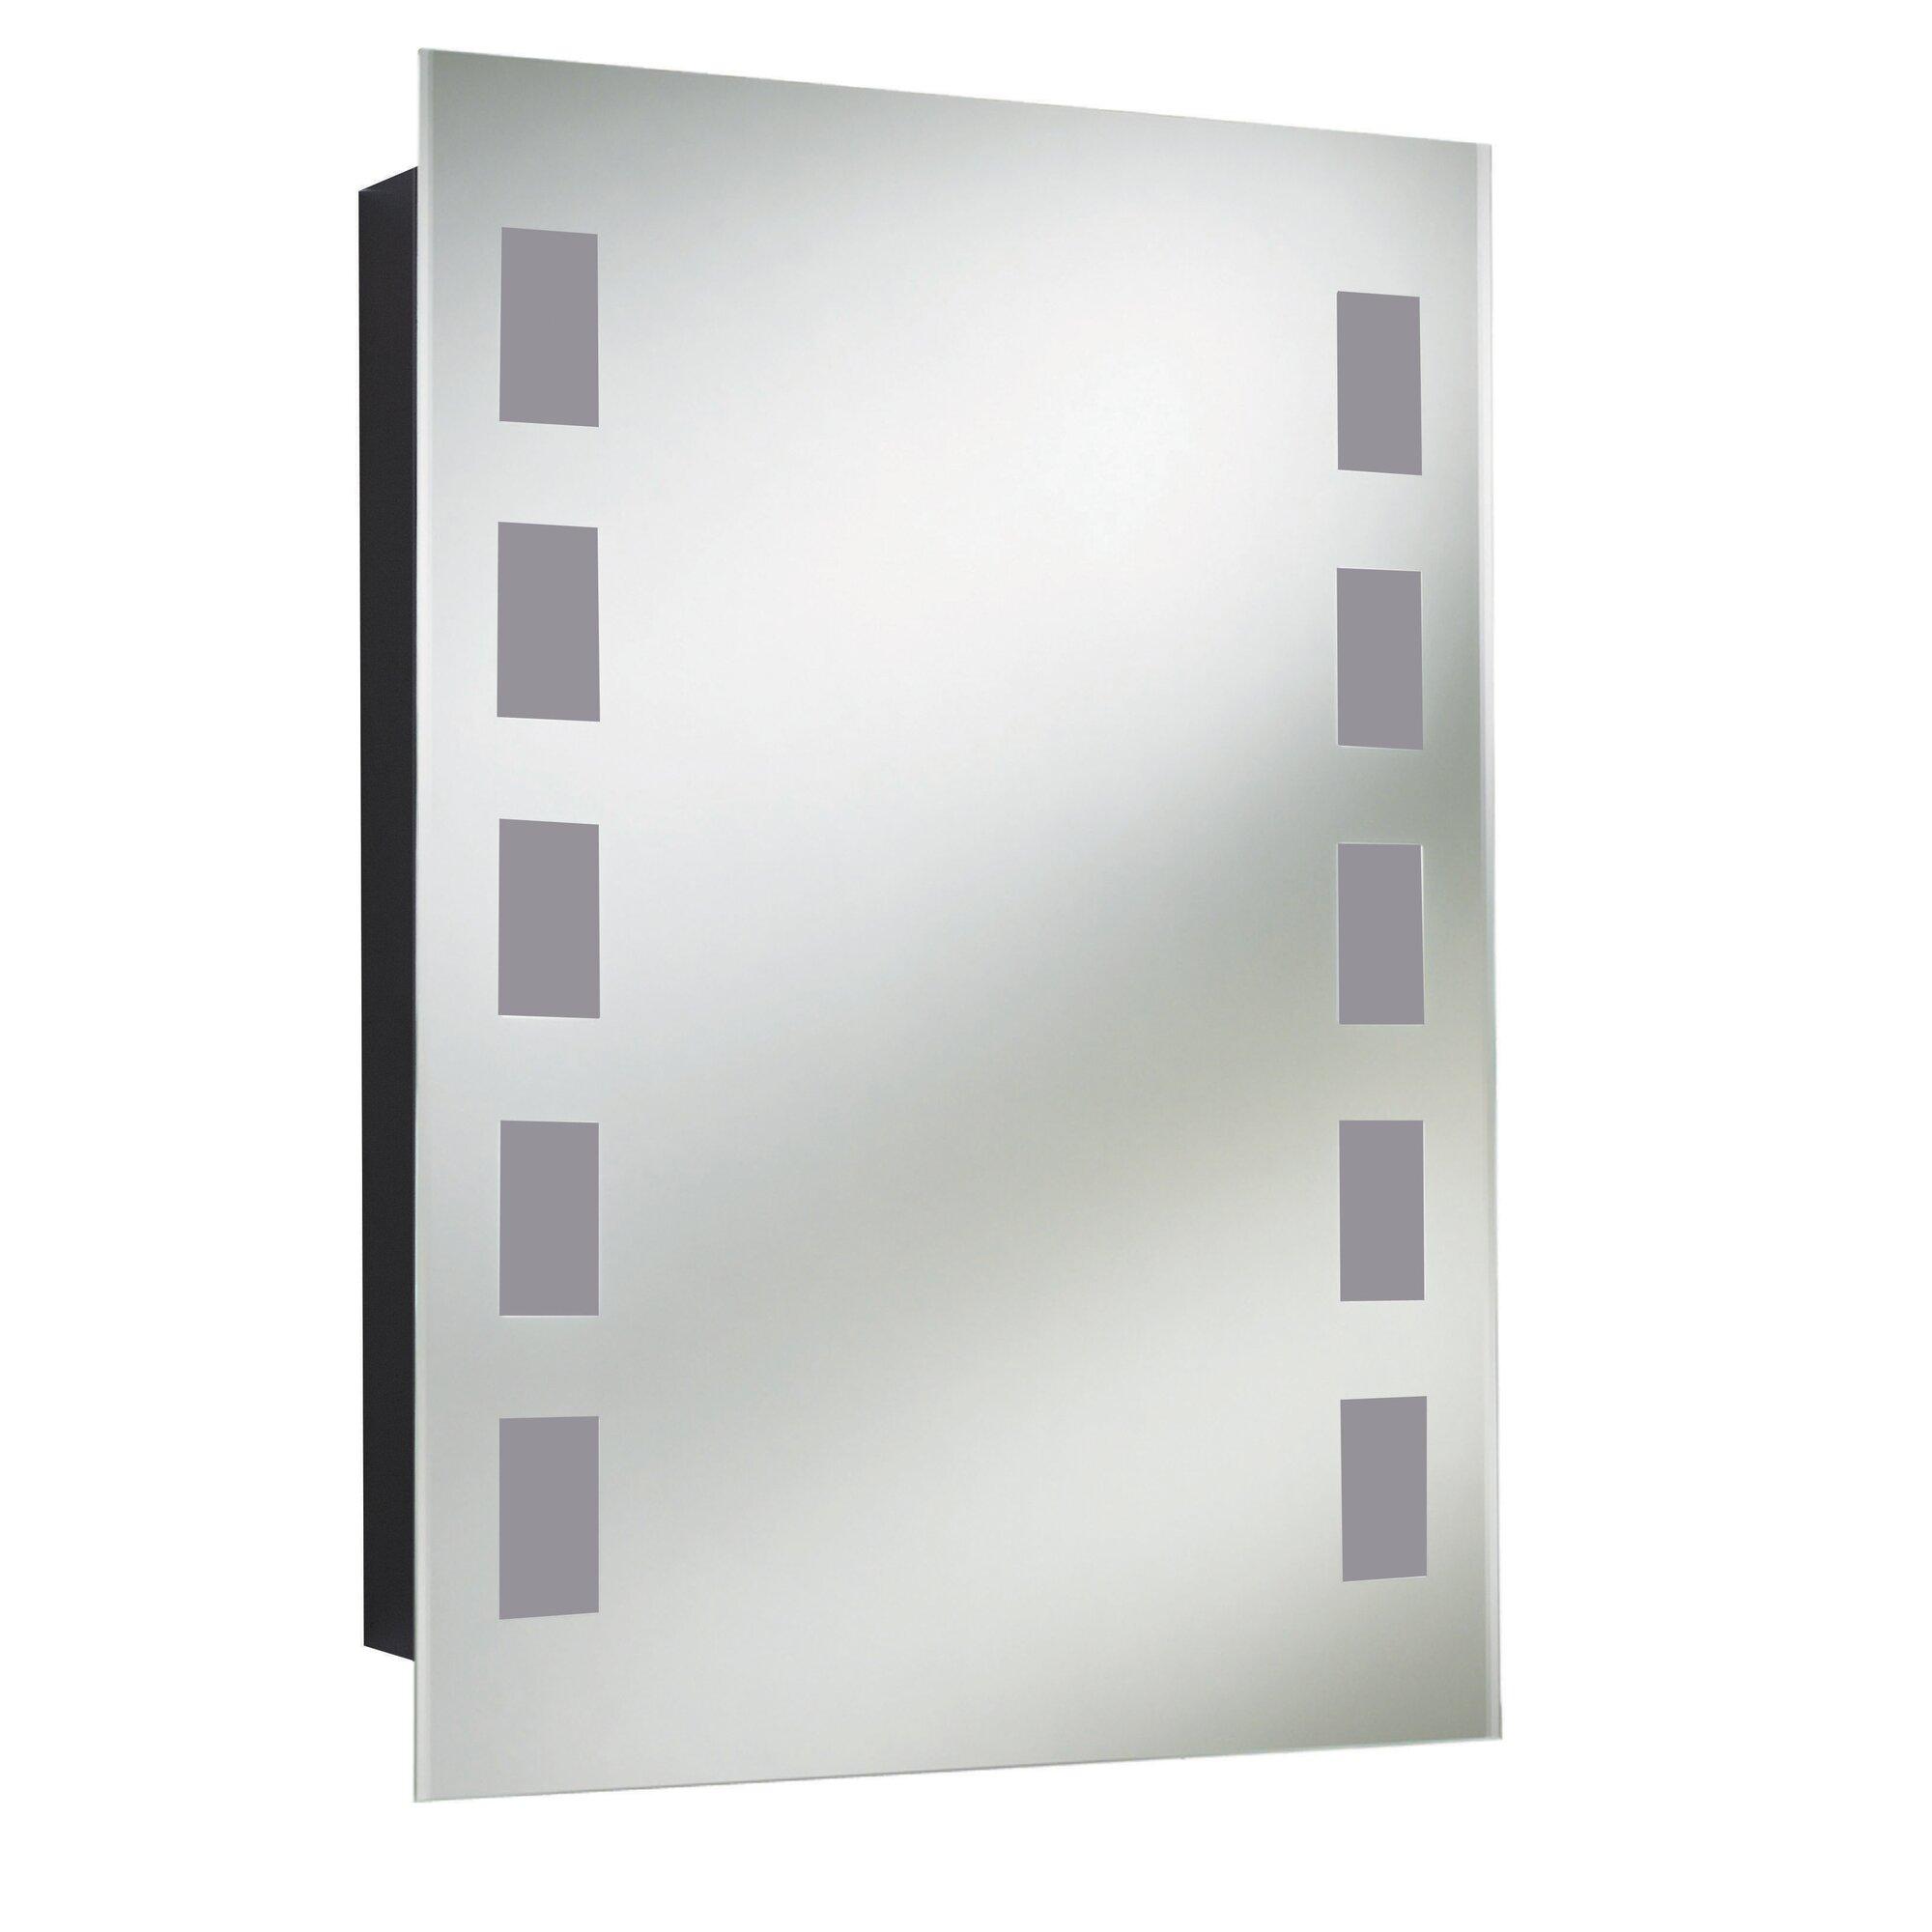 premier 50 cm x 70 cm spiegelschrank argenta bewertungen. Black Bedroom Furniture Sets. Home Design Ideas